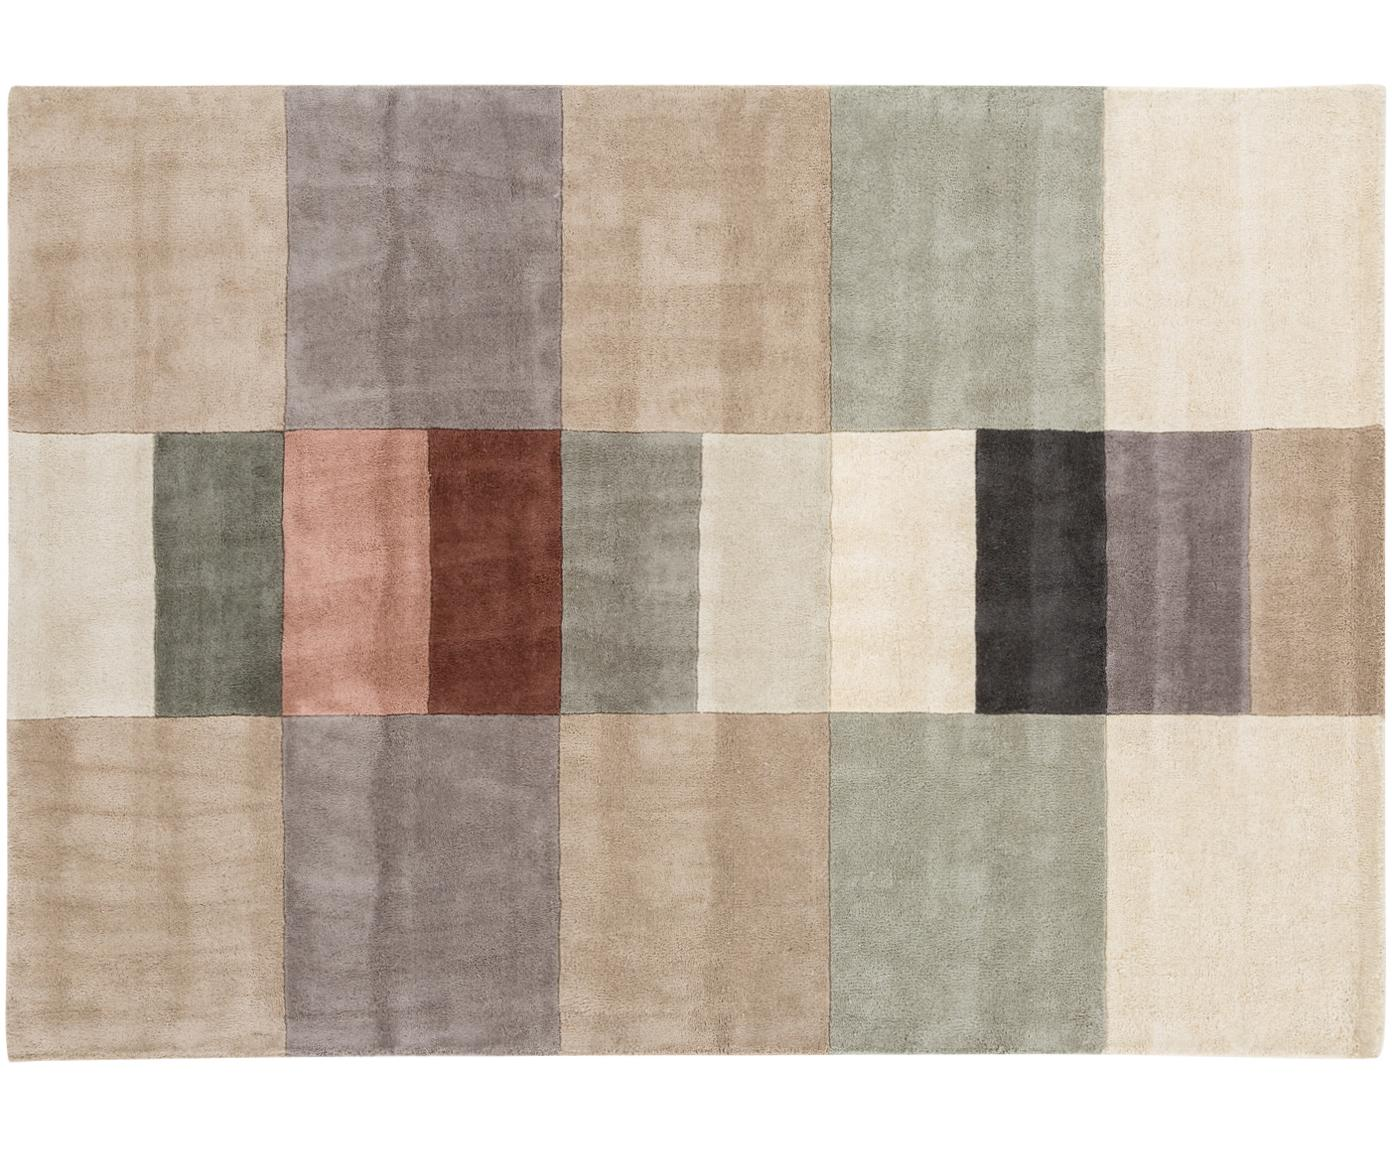 Handgetufteter Designteppich Impilati aus Wolle, Flor: 100% Wolle, Creme, Mehrfarbig, B 170 x L 240 cm (Grösse M)